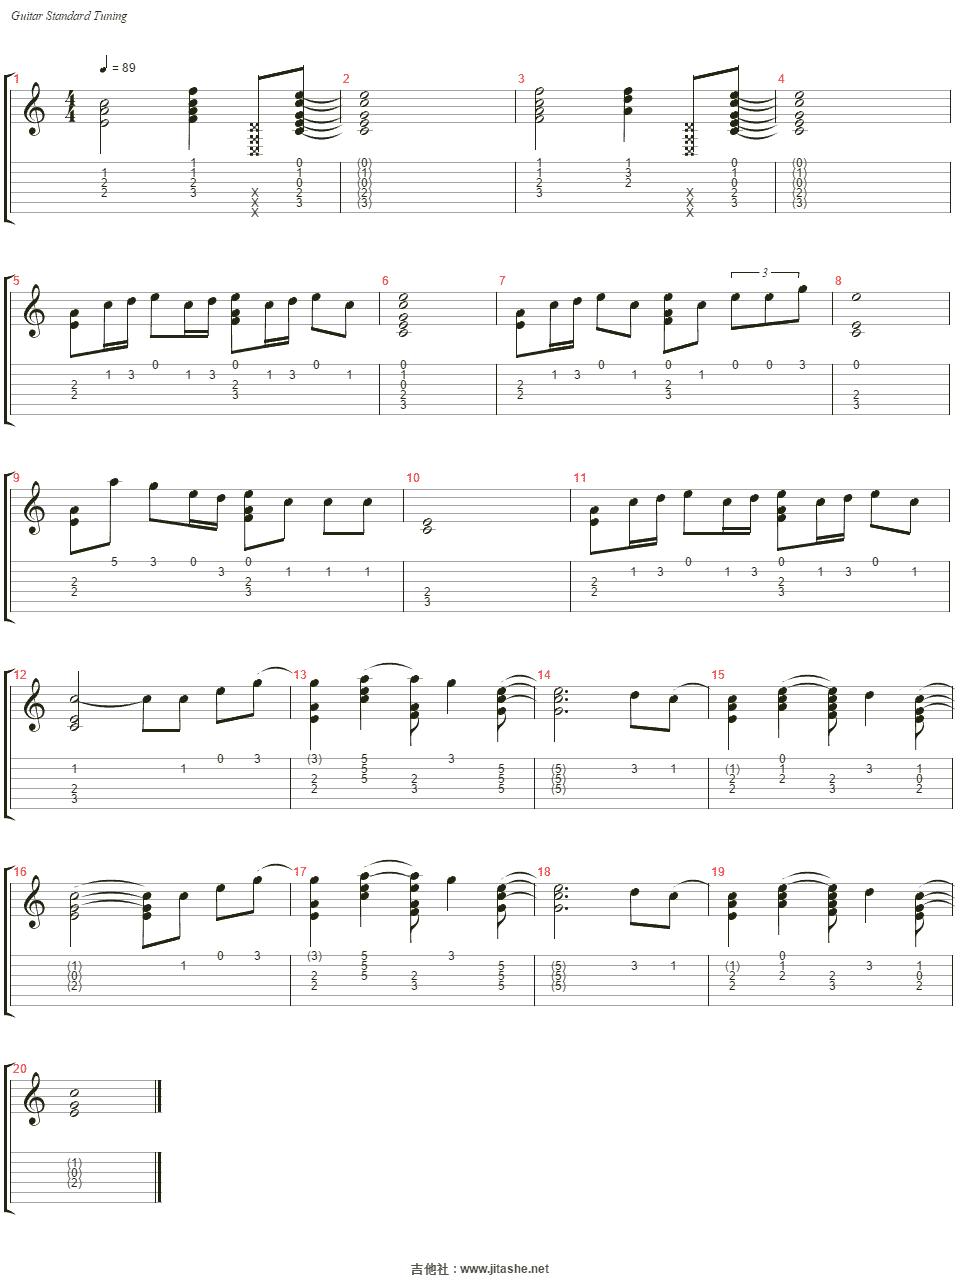 求太阳之歌插曲stay with me 的吉他谱 左手和弦和右手的具体扫弦方法